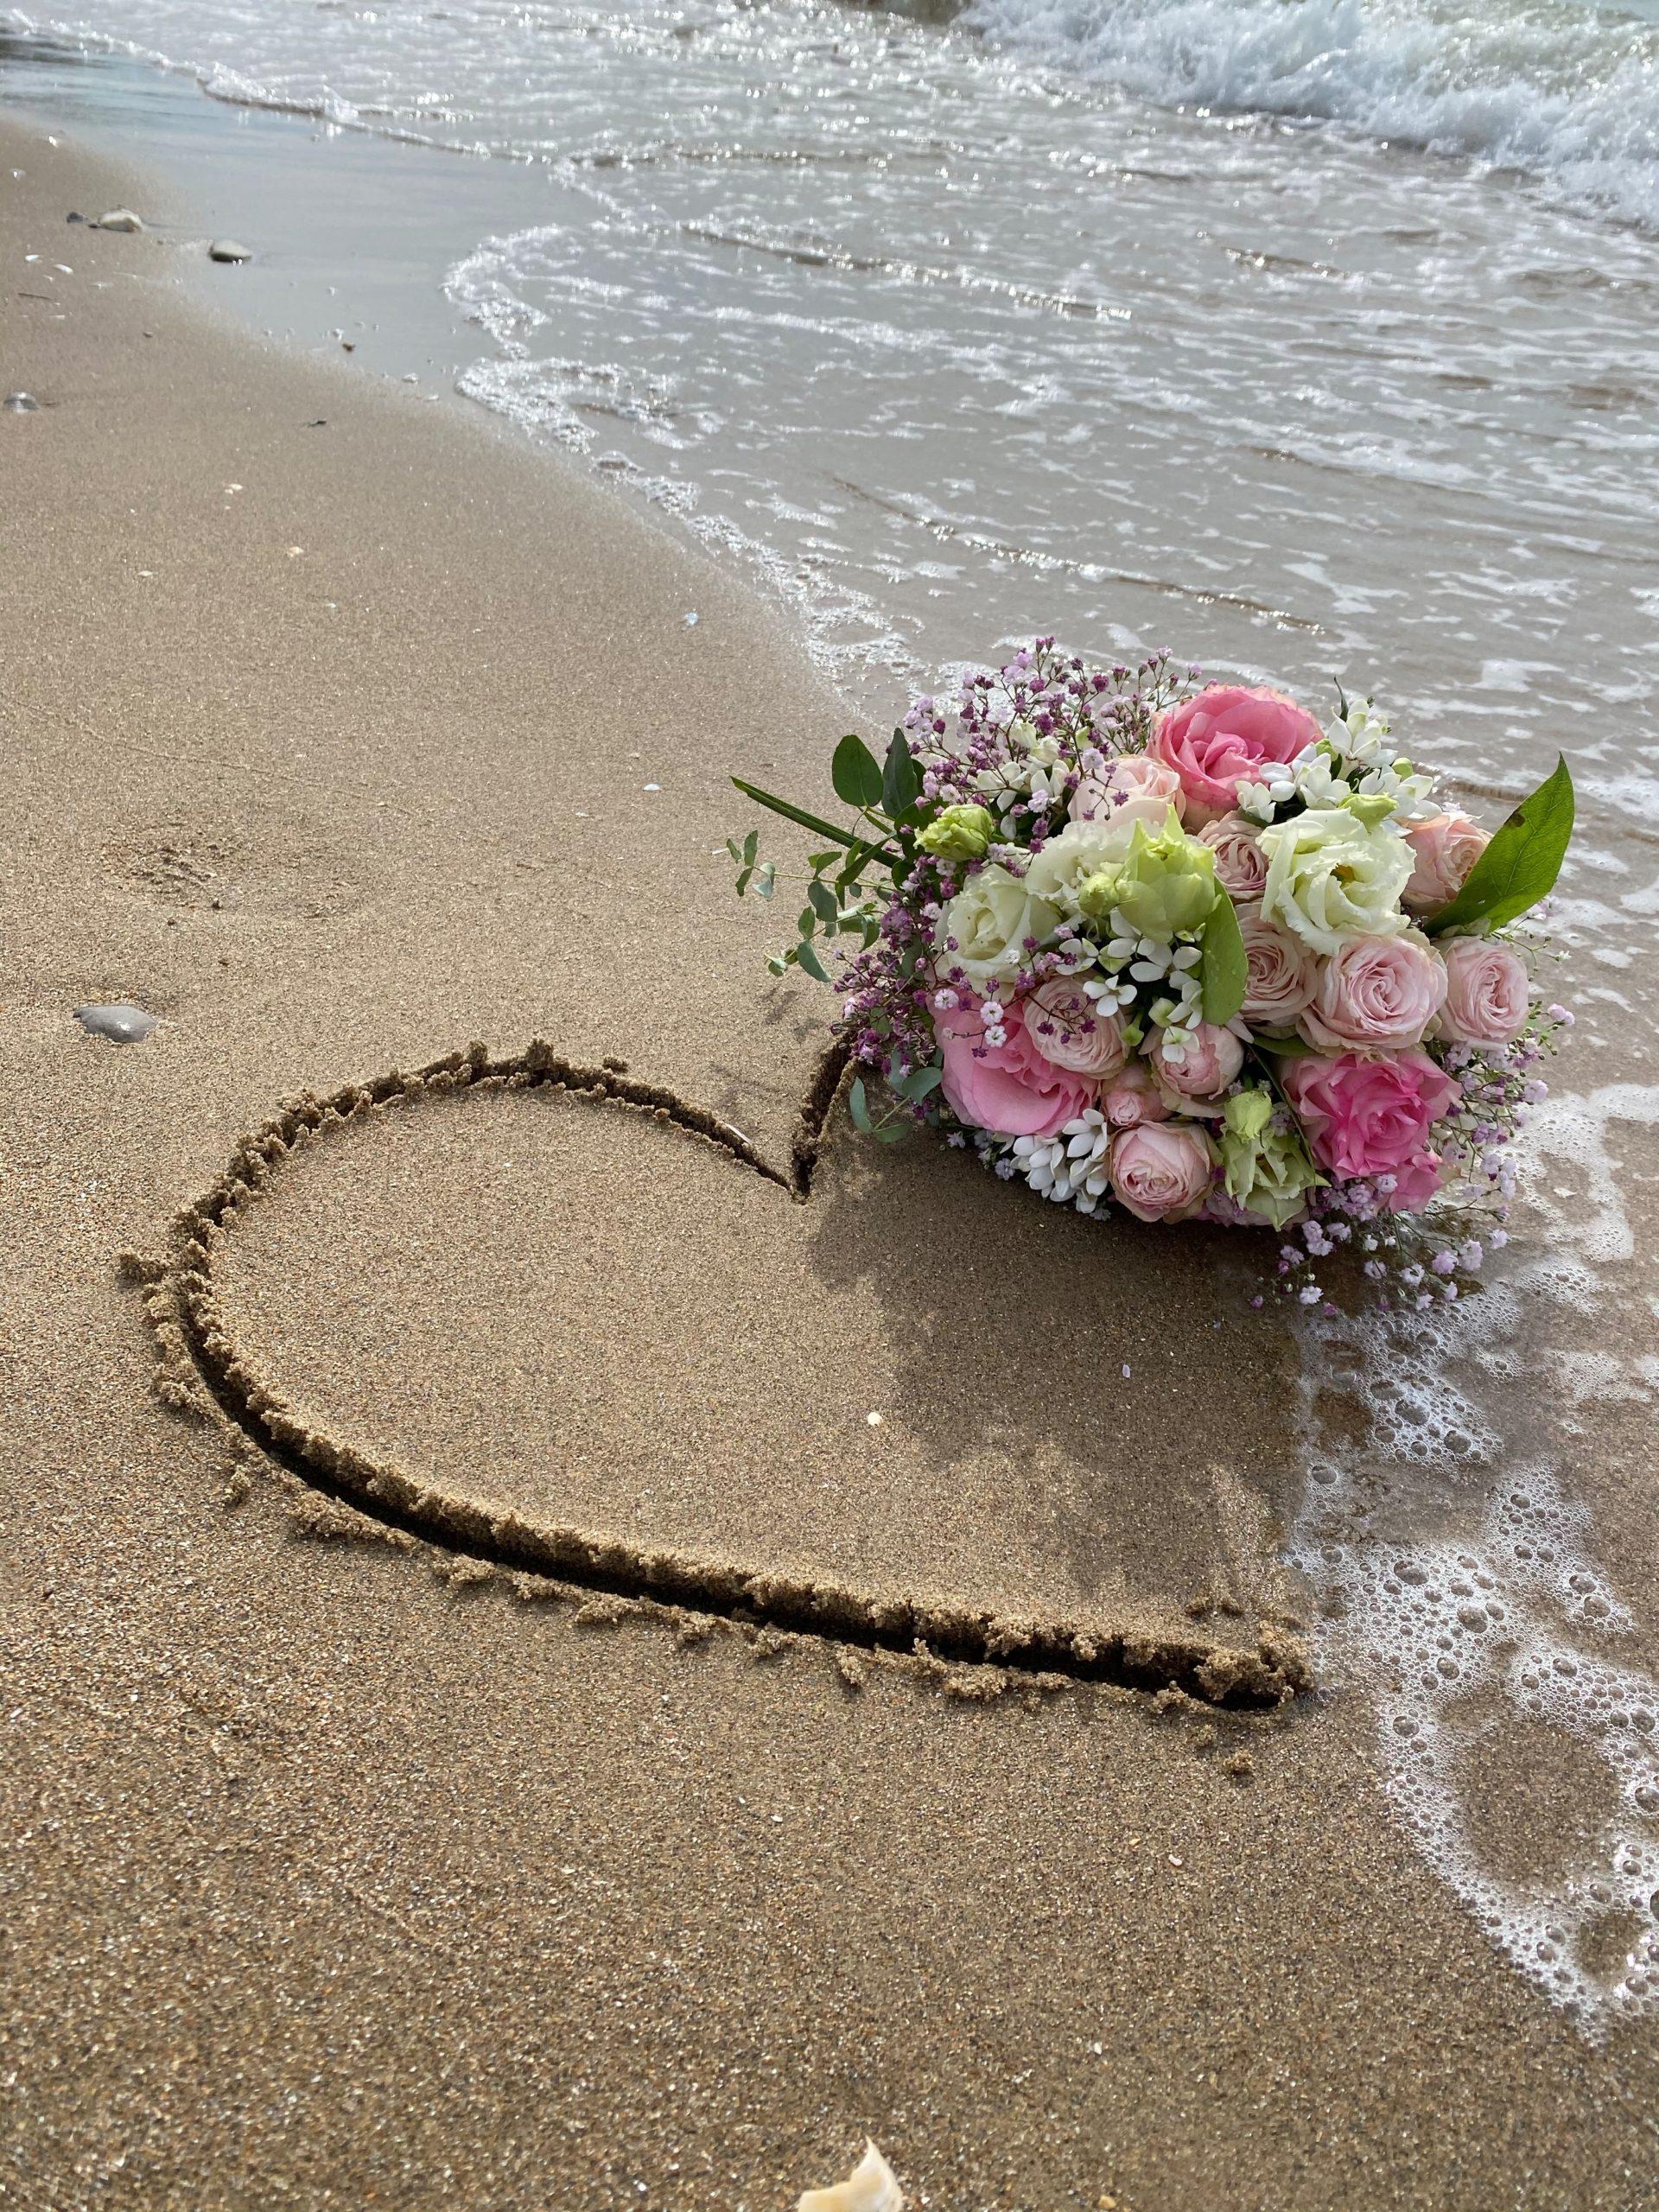 bouquet de mariage sur la plage avec un coeur dessiner - C&D Events - Wedding planner Oise et Paris